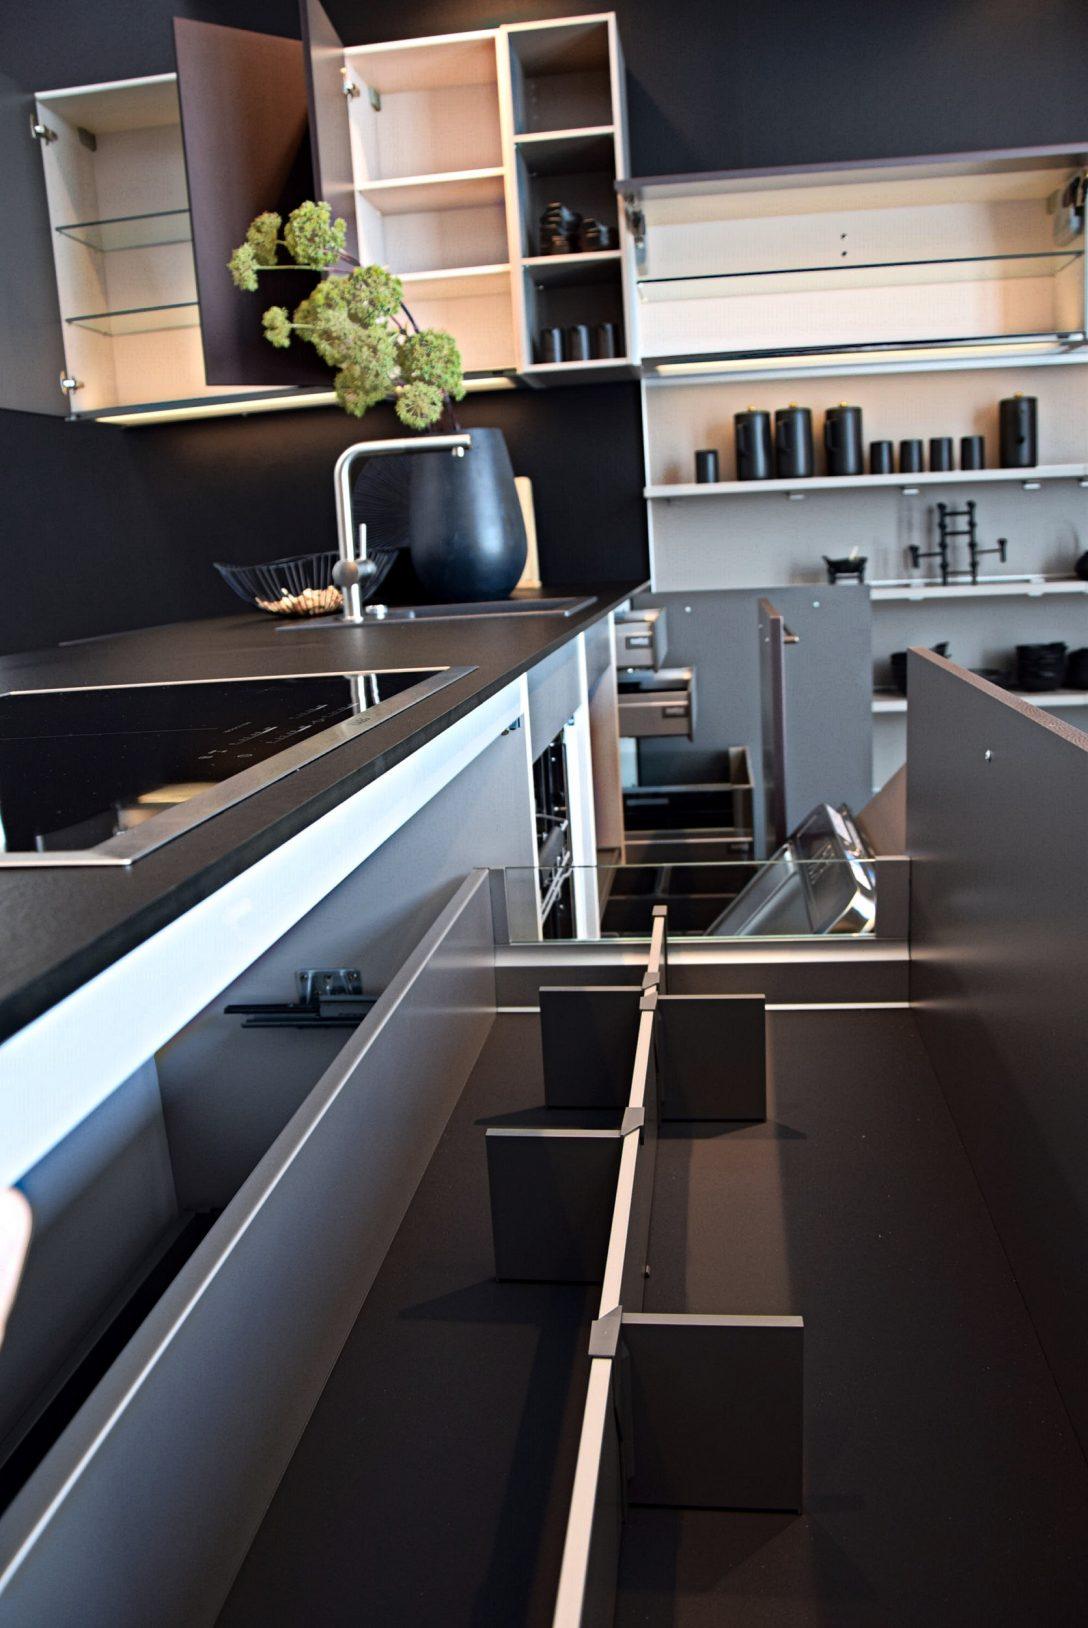 Large Size of Küche Nolte Oder Nobilia Weiße Hochglanz Küche Nolte Küche Nolte Zement Küche Nolte Betonoptik Küche Küche Nolte